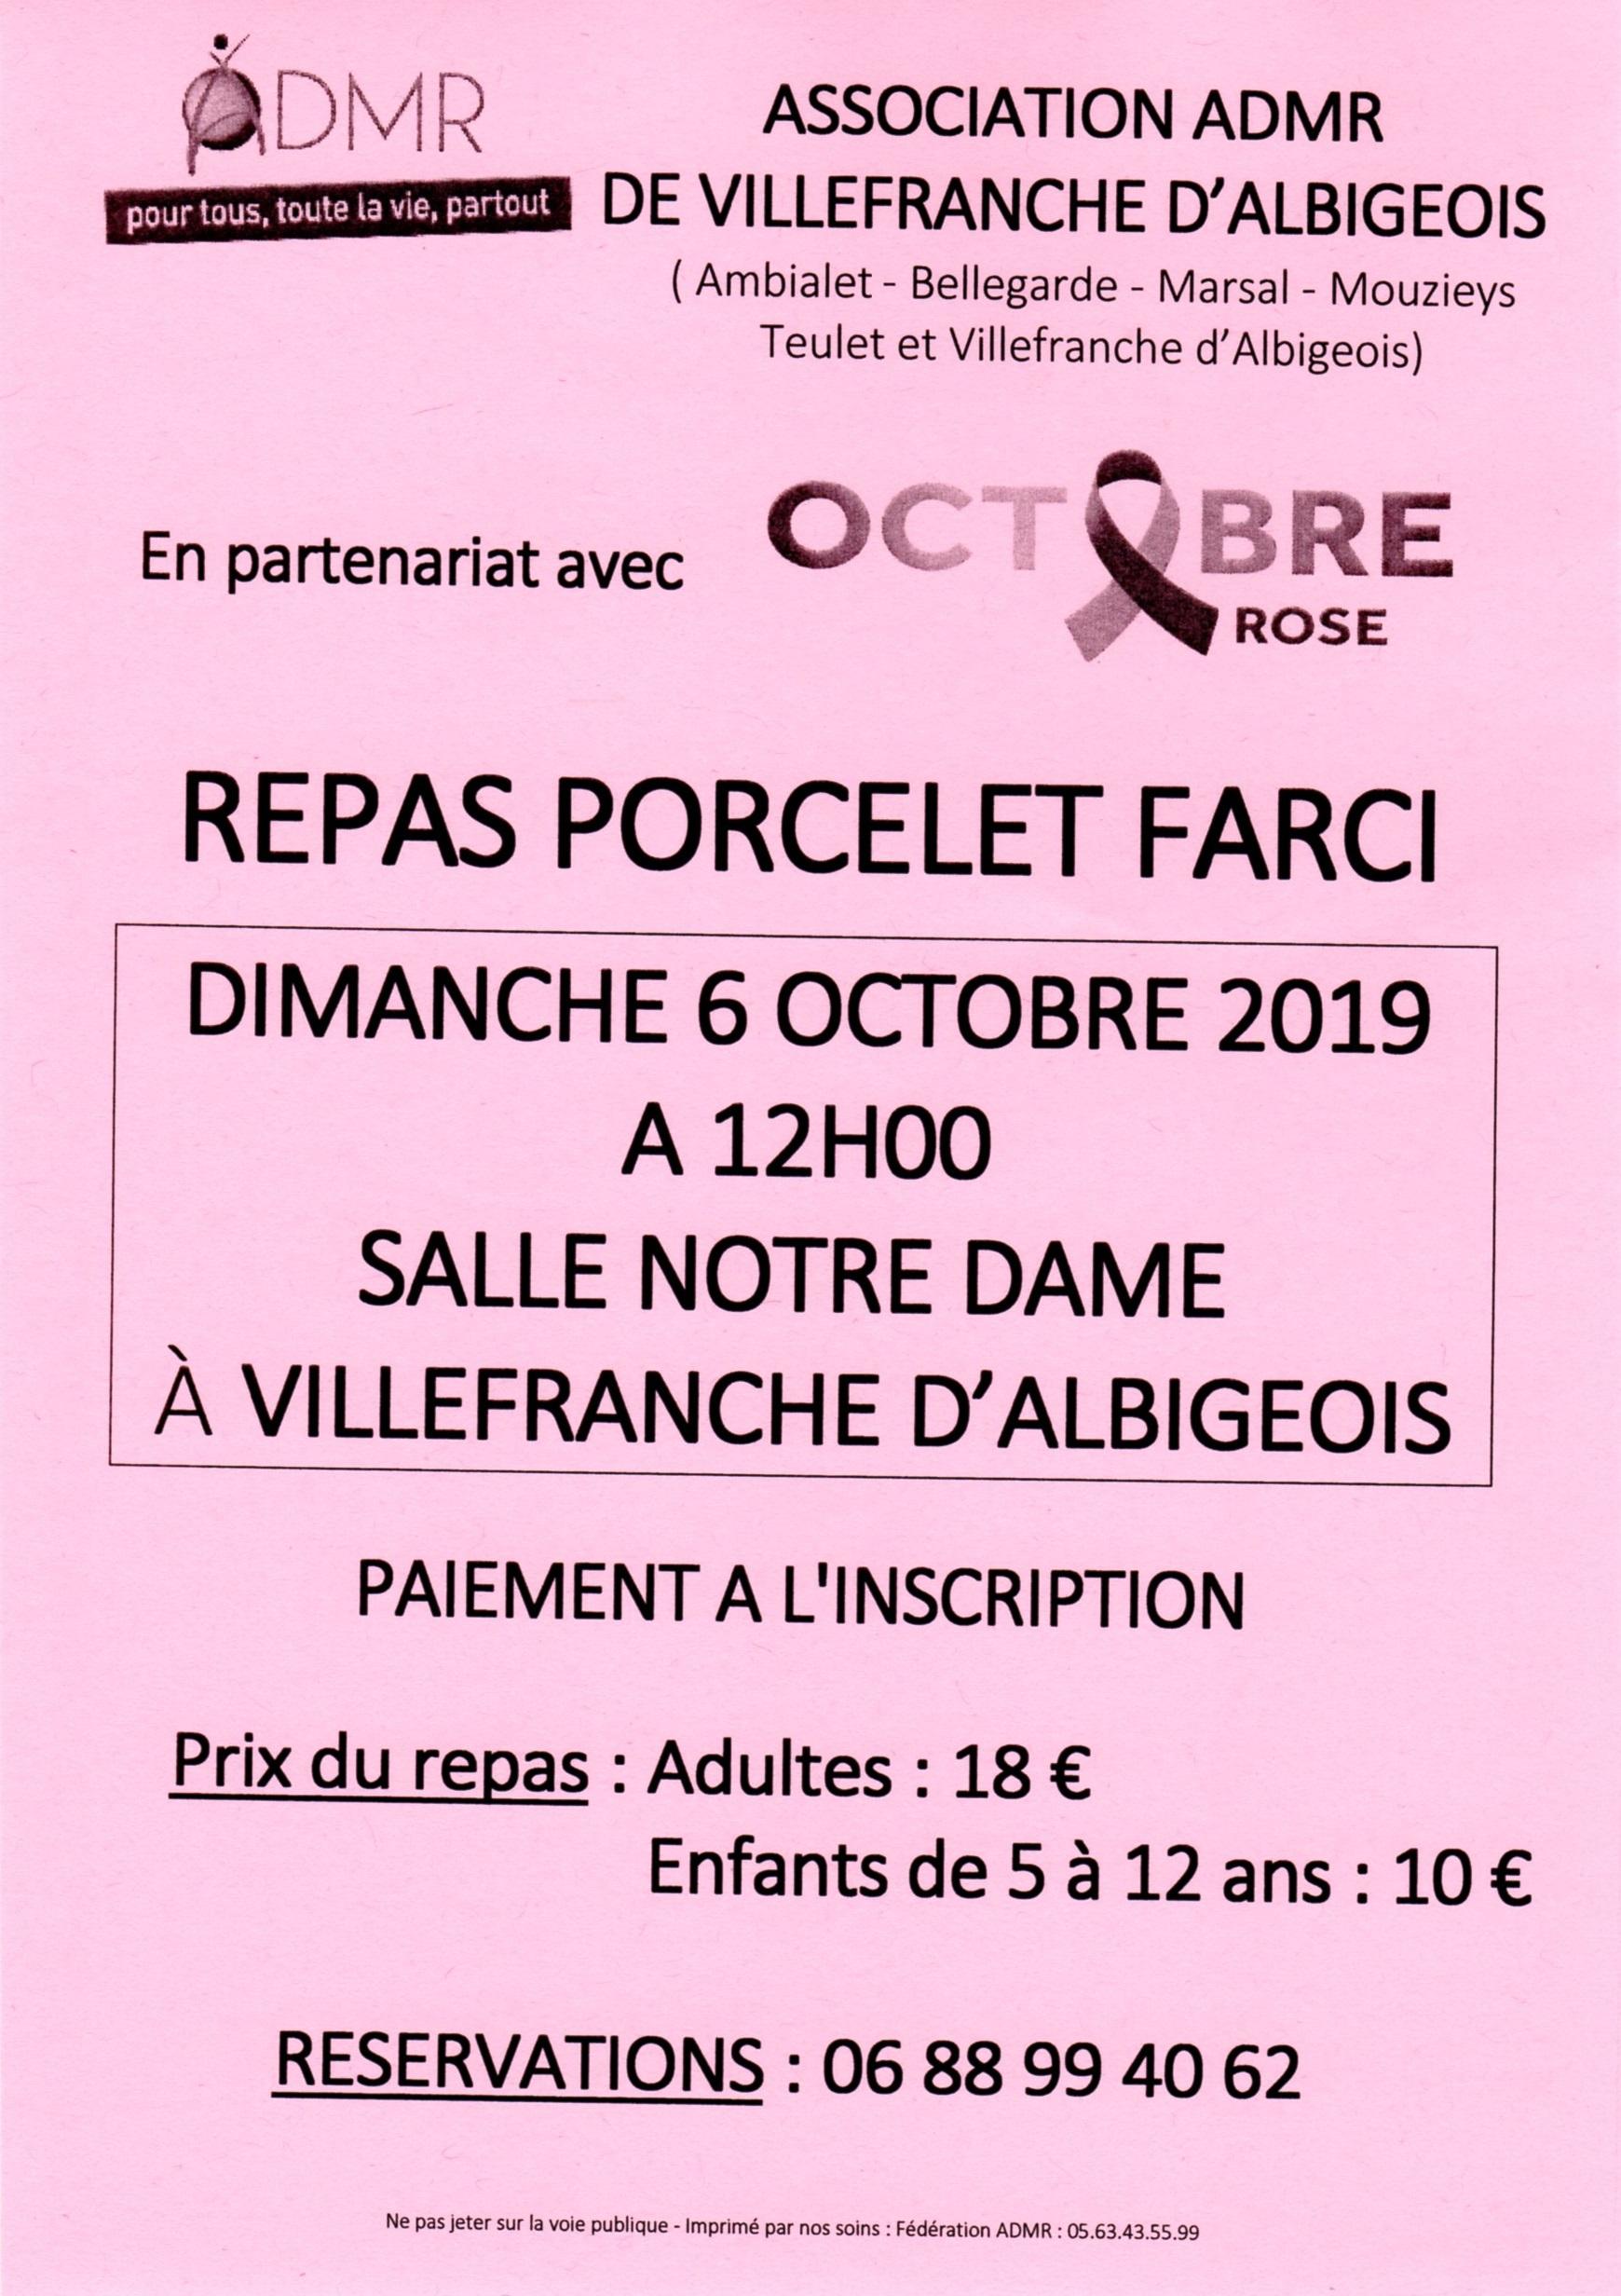 L'ADMR partenaire d'Octobre rose